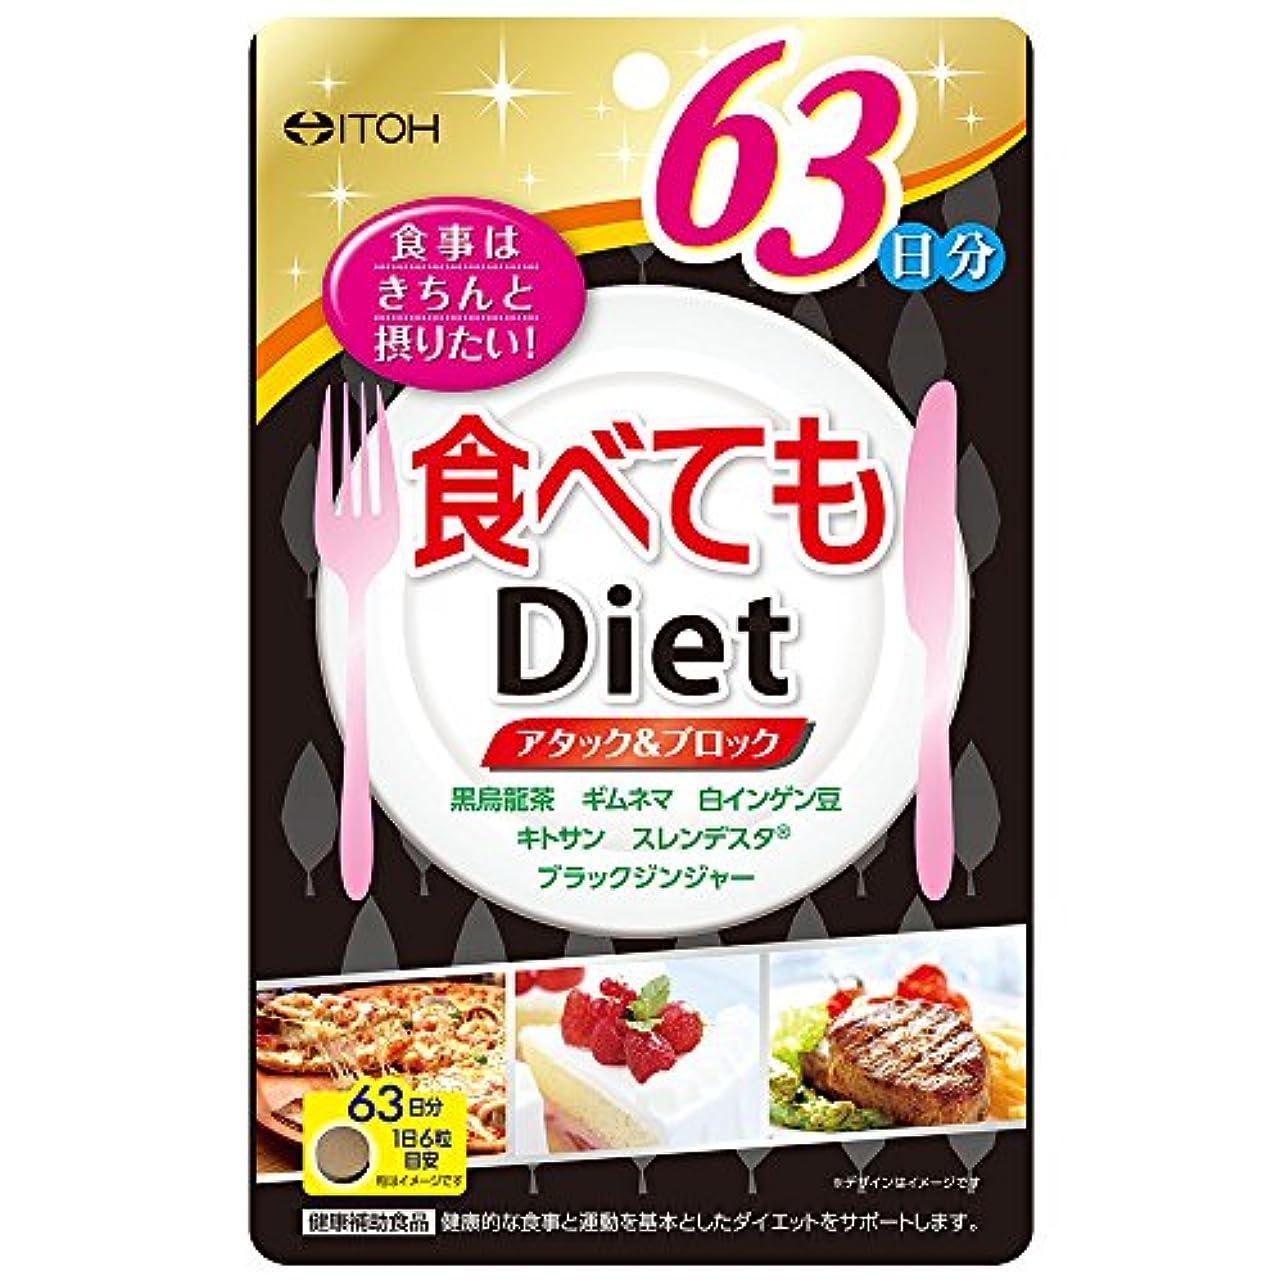 もろい体系的に養う食べてもDiet63日分